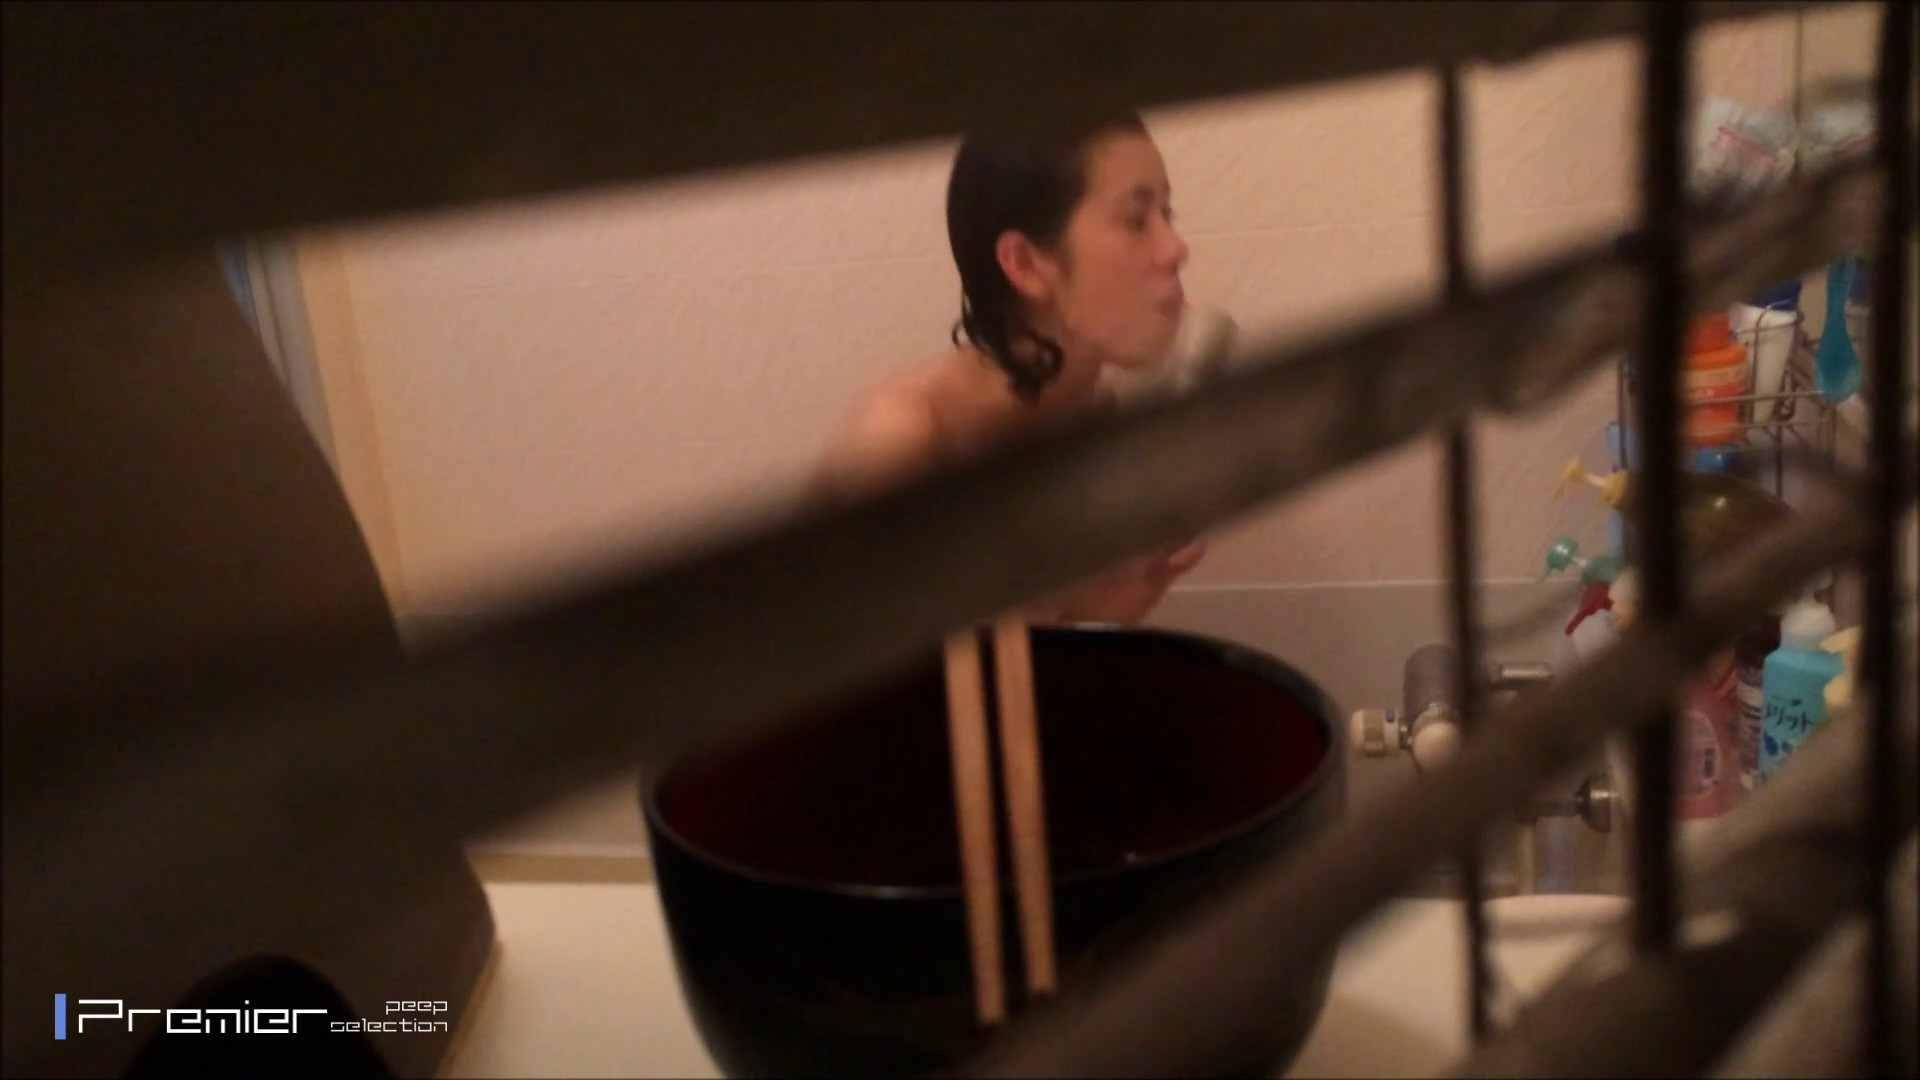 高画質フルハイビジョン スレンダー美女の入浴 乙女の風呂場 Vol.04 ギャル攻め ヌード画像 75画像 62